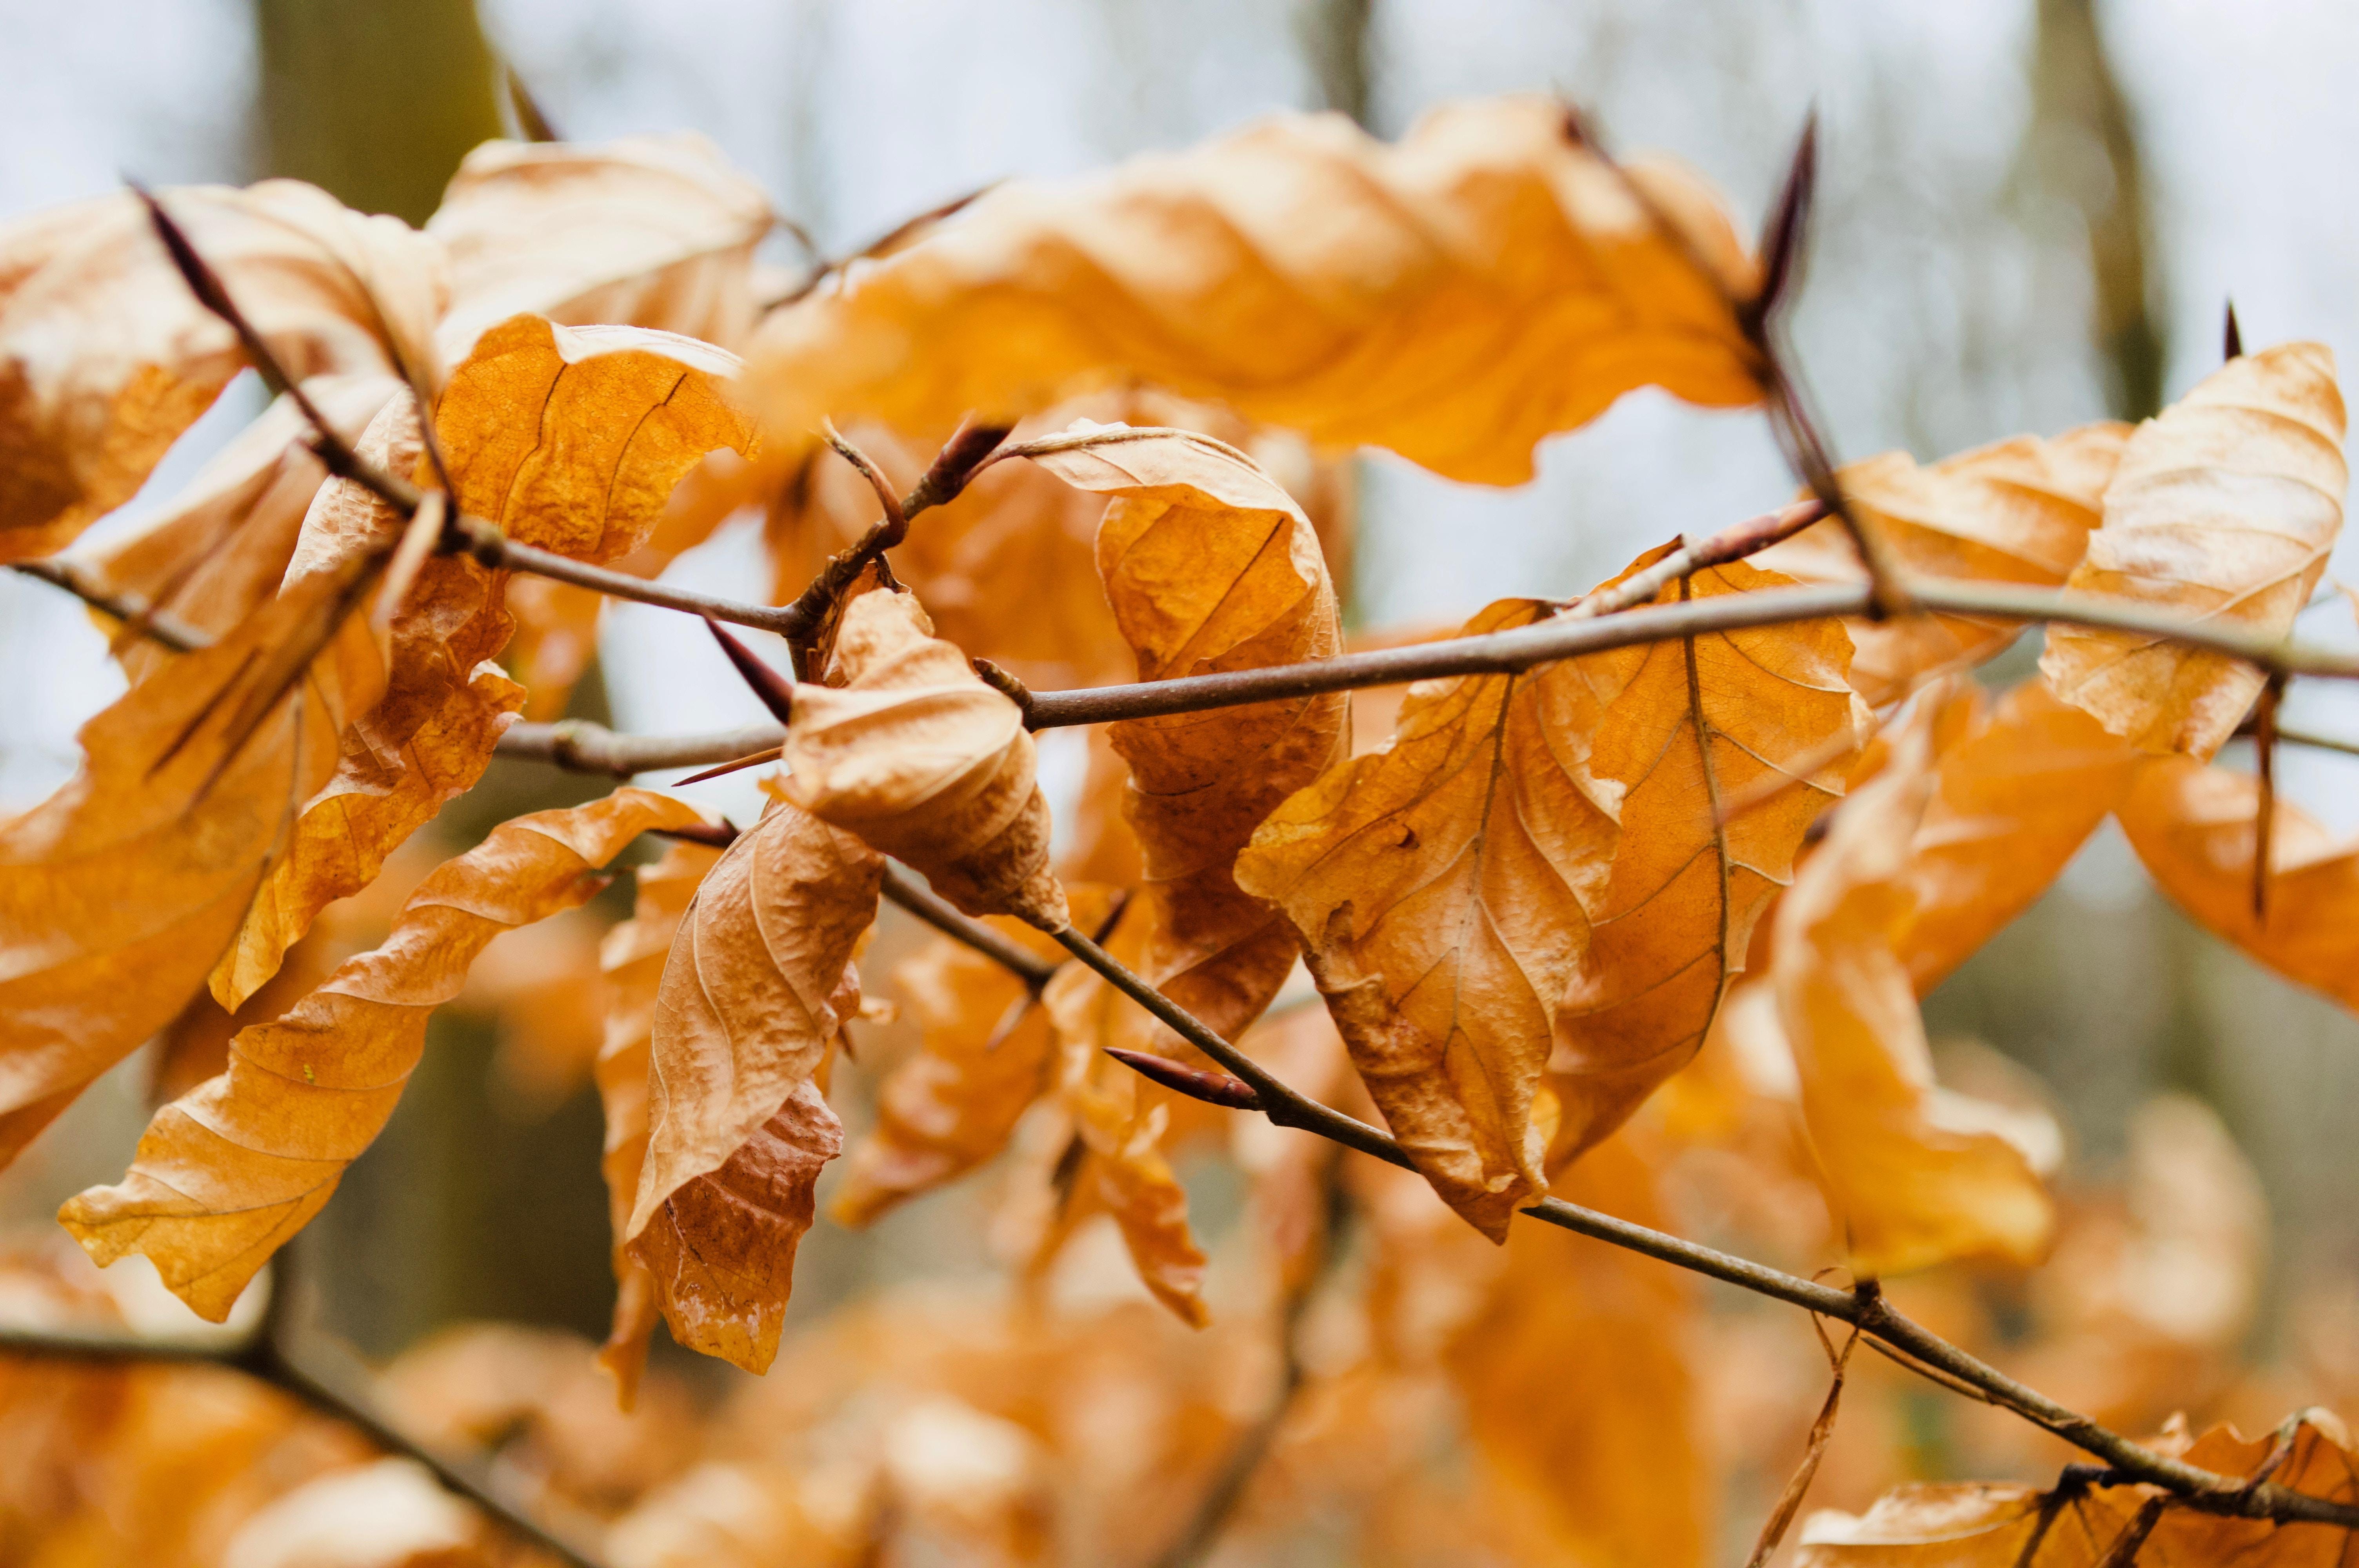 orange dried leaves